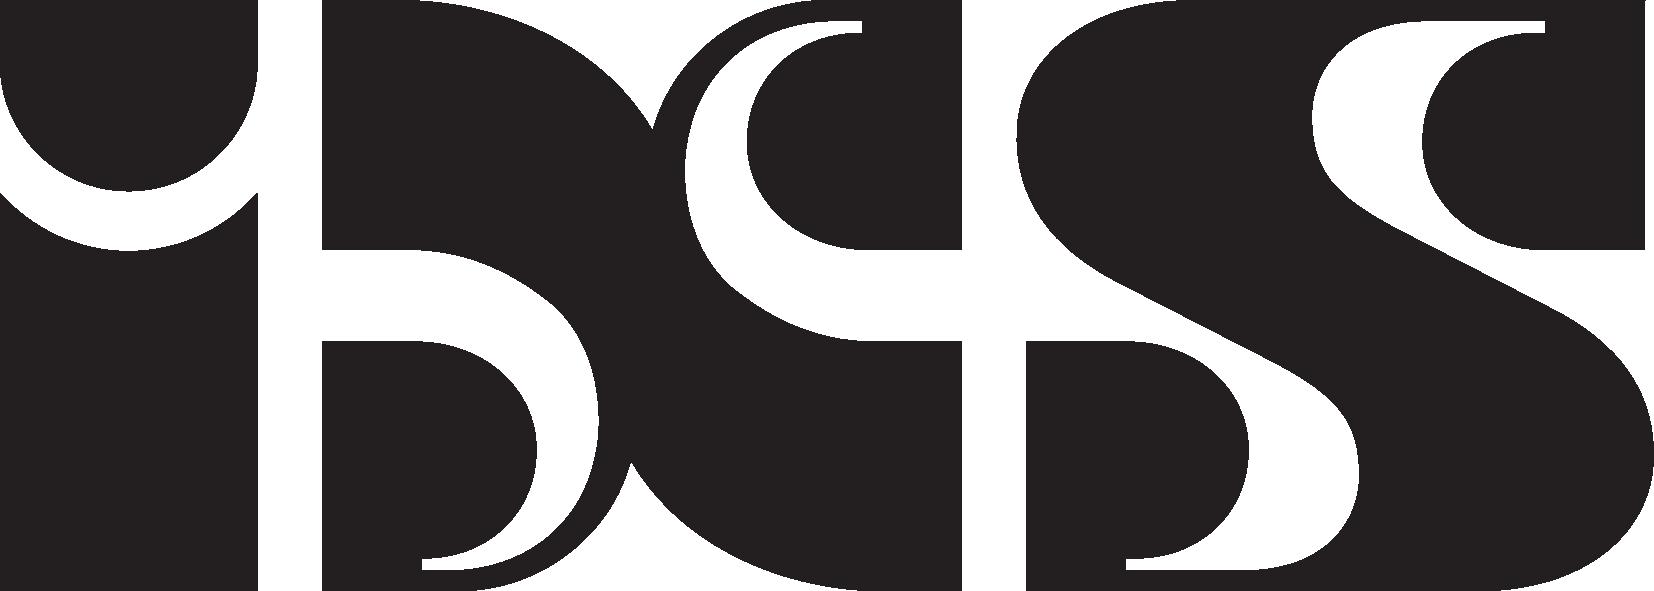 iXS_Logo_retouch_black